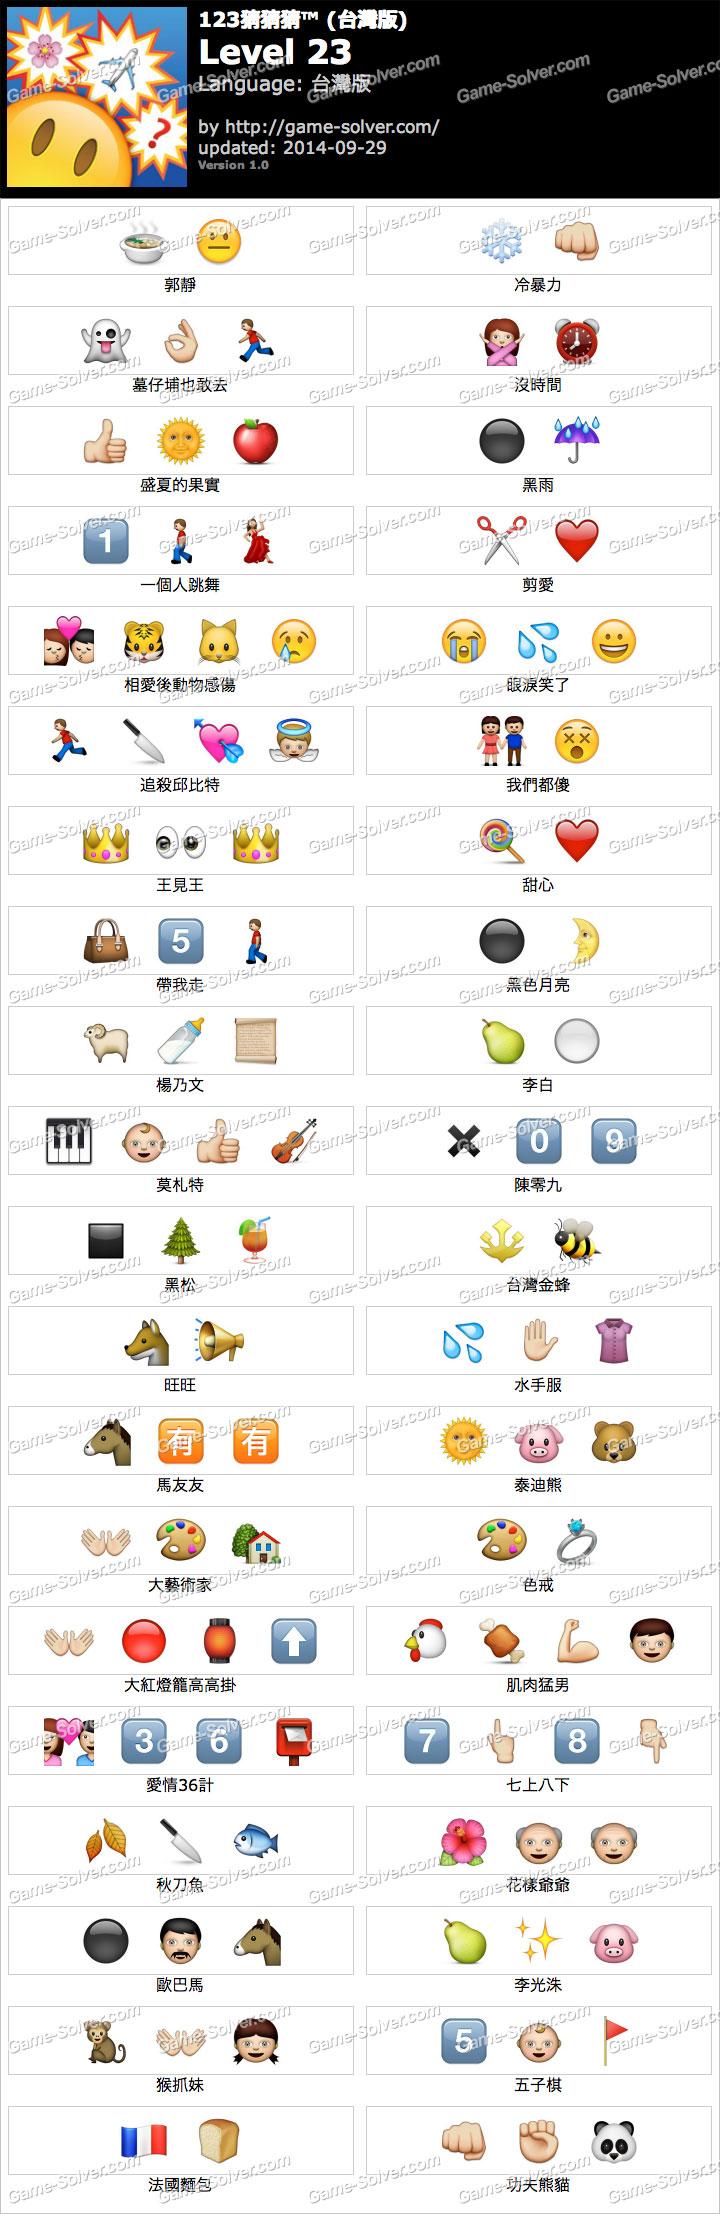 123猜猜猜台灣版答案等級23